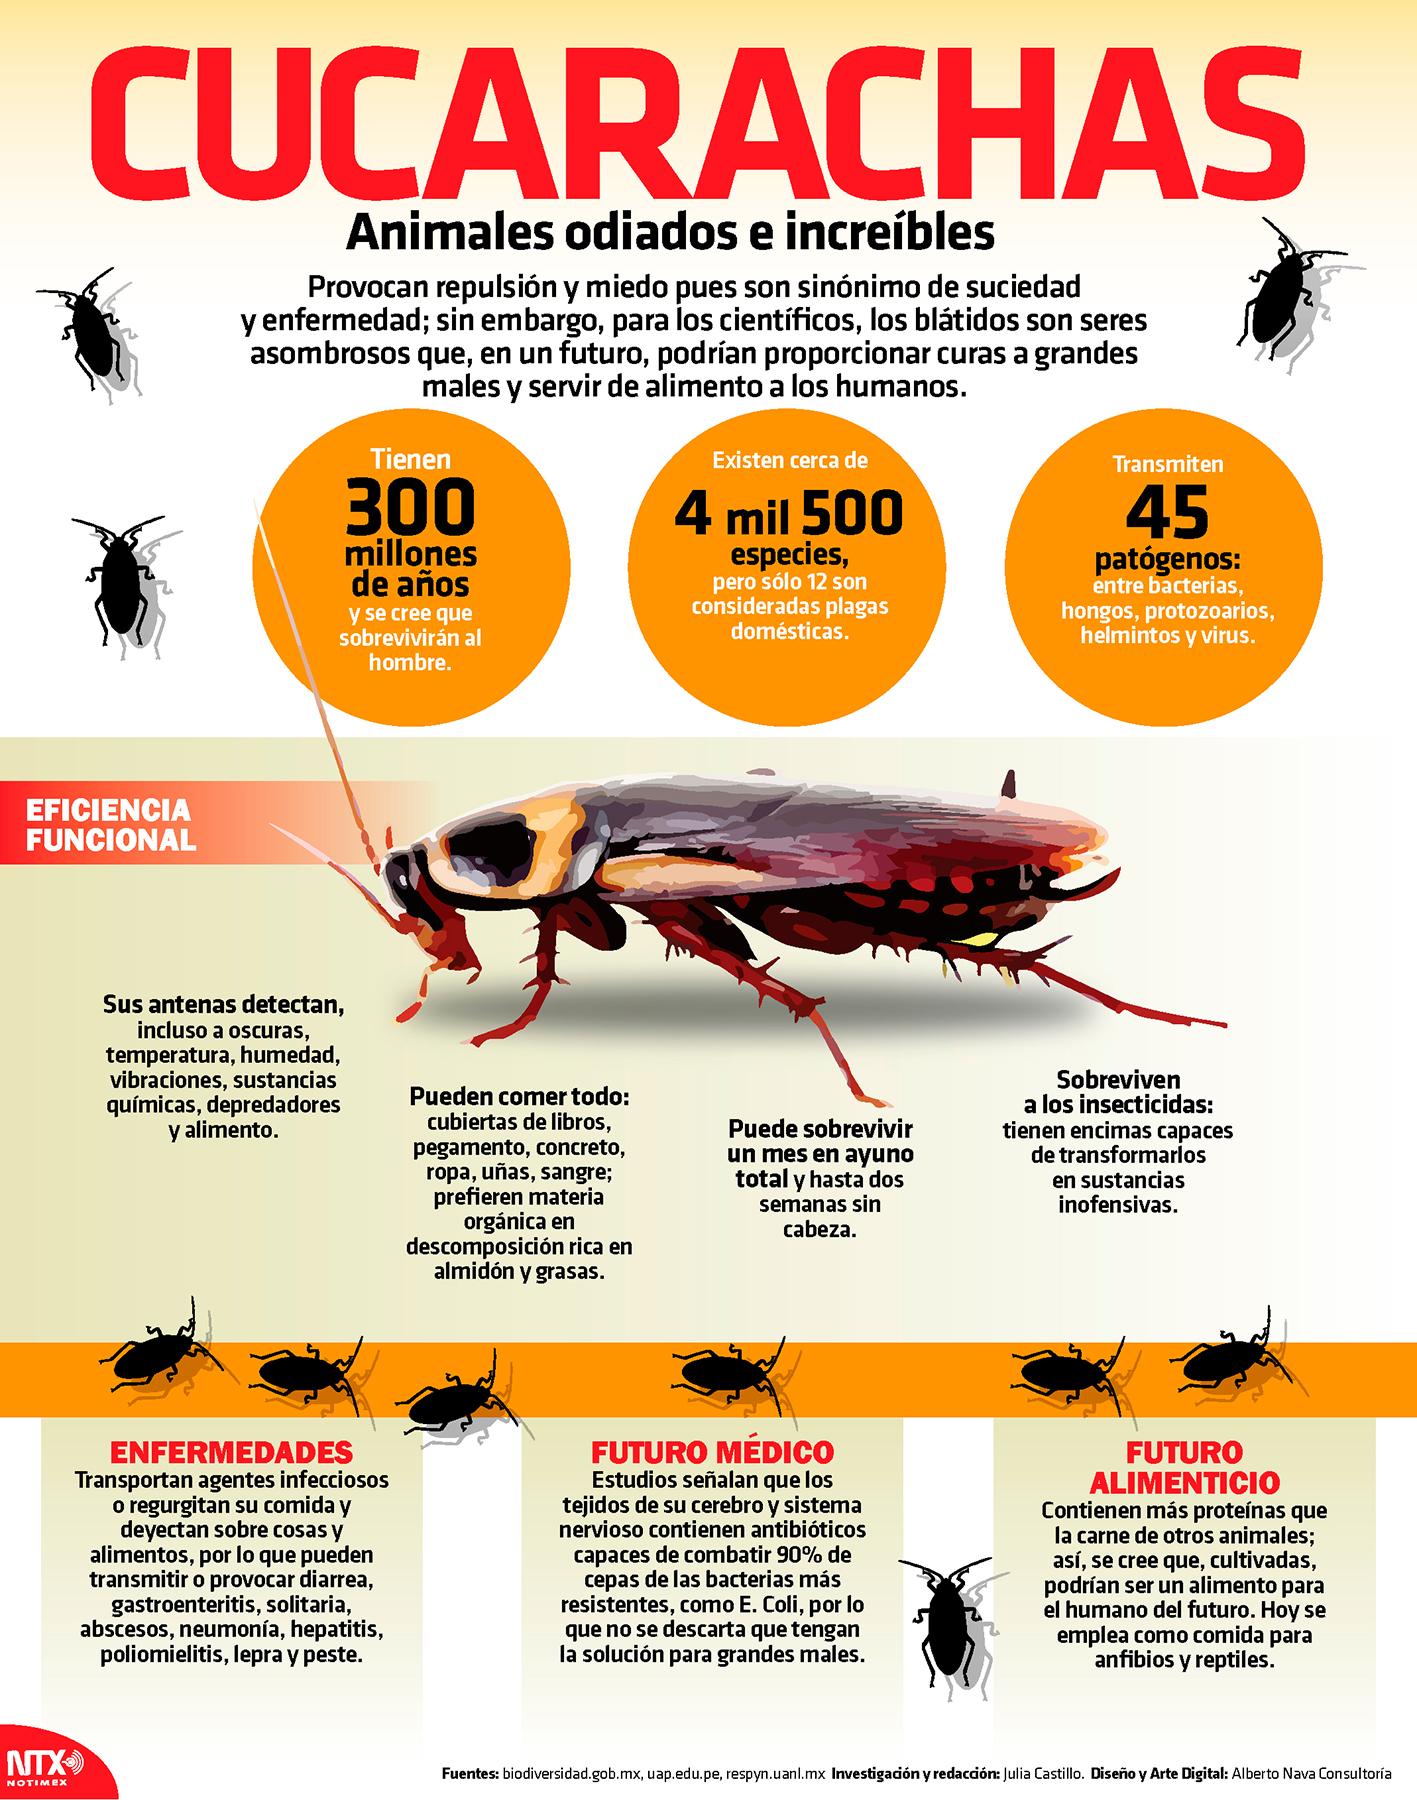 Cucarachas, animales odiados e increibles